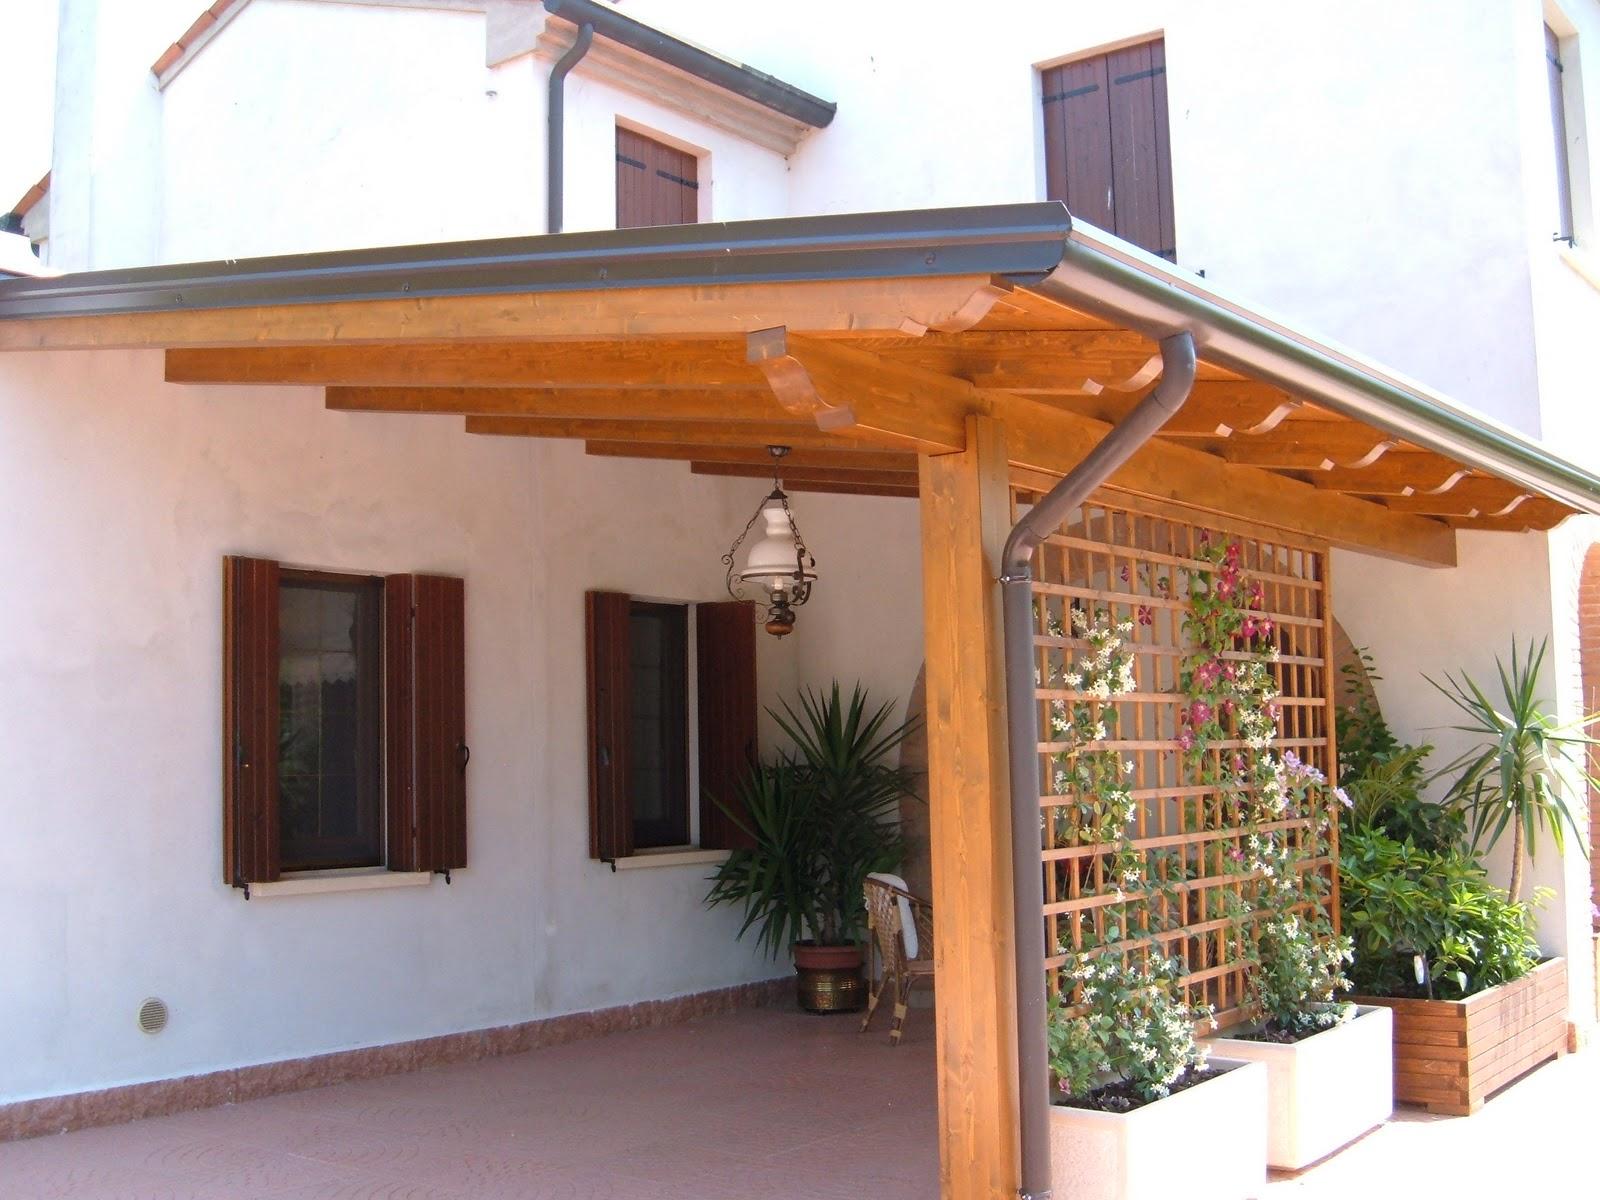 Oficentro proyectos oficinas del centro venezuela for Pisos para techos de madera